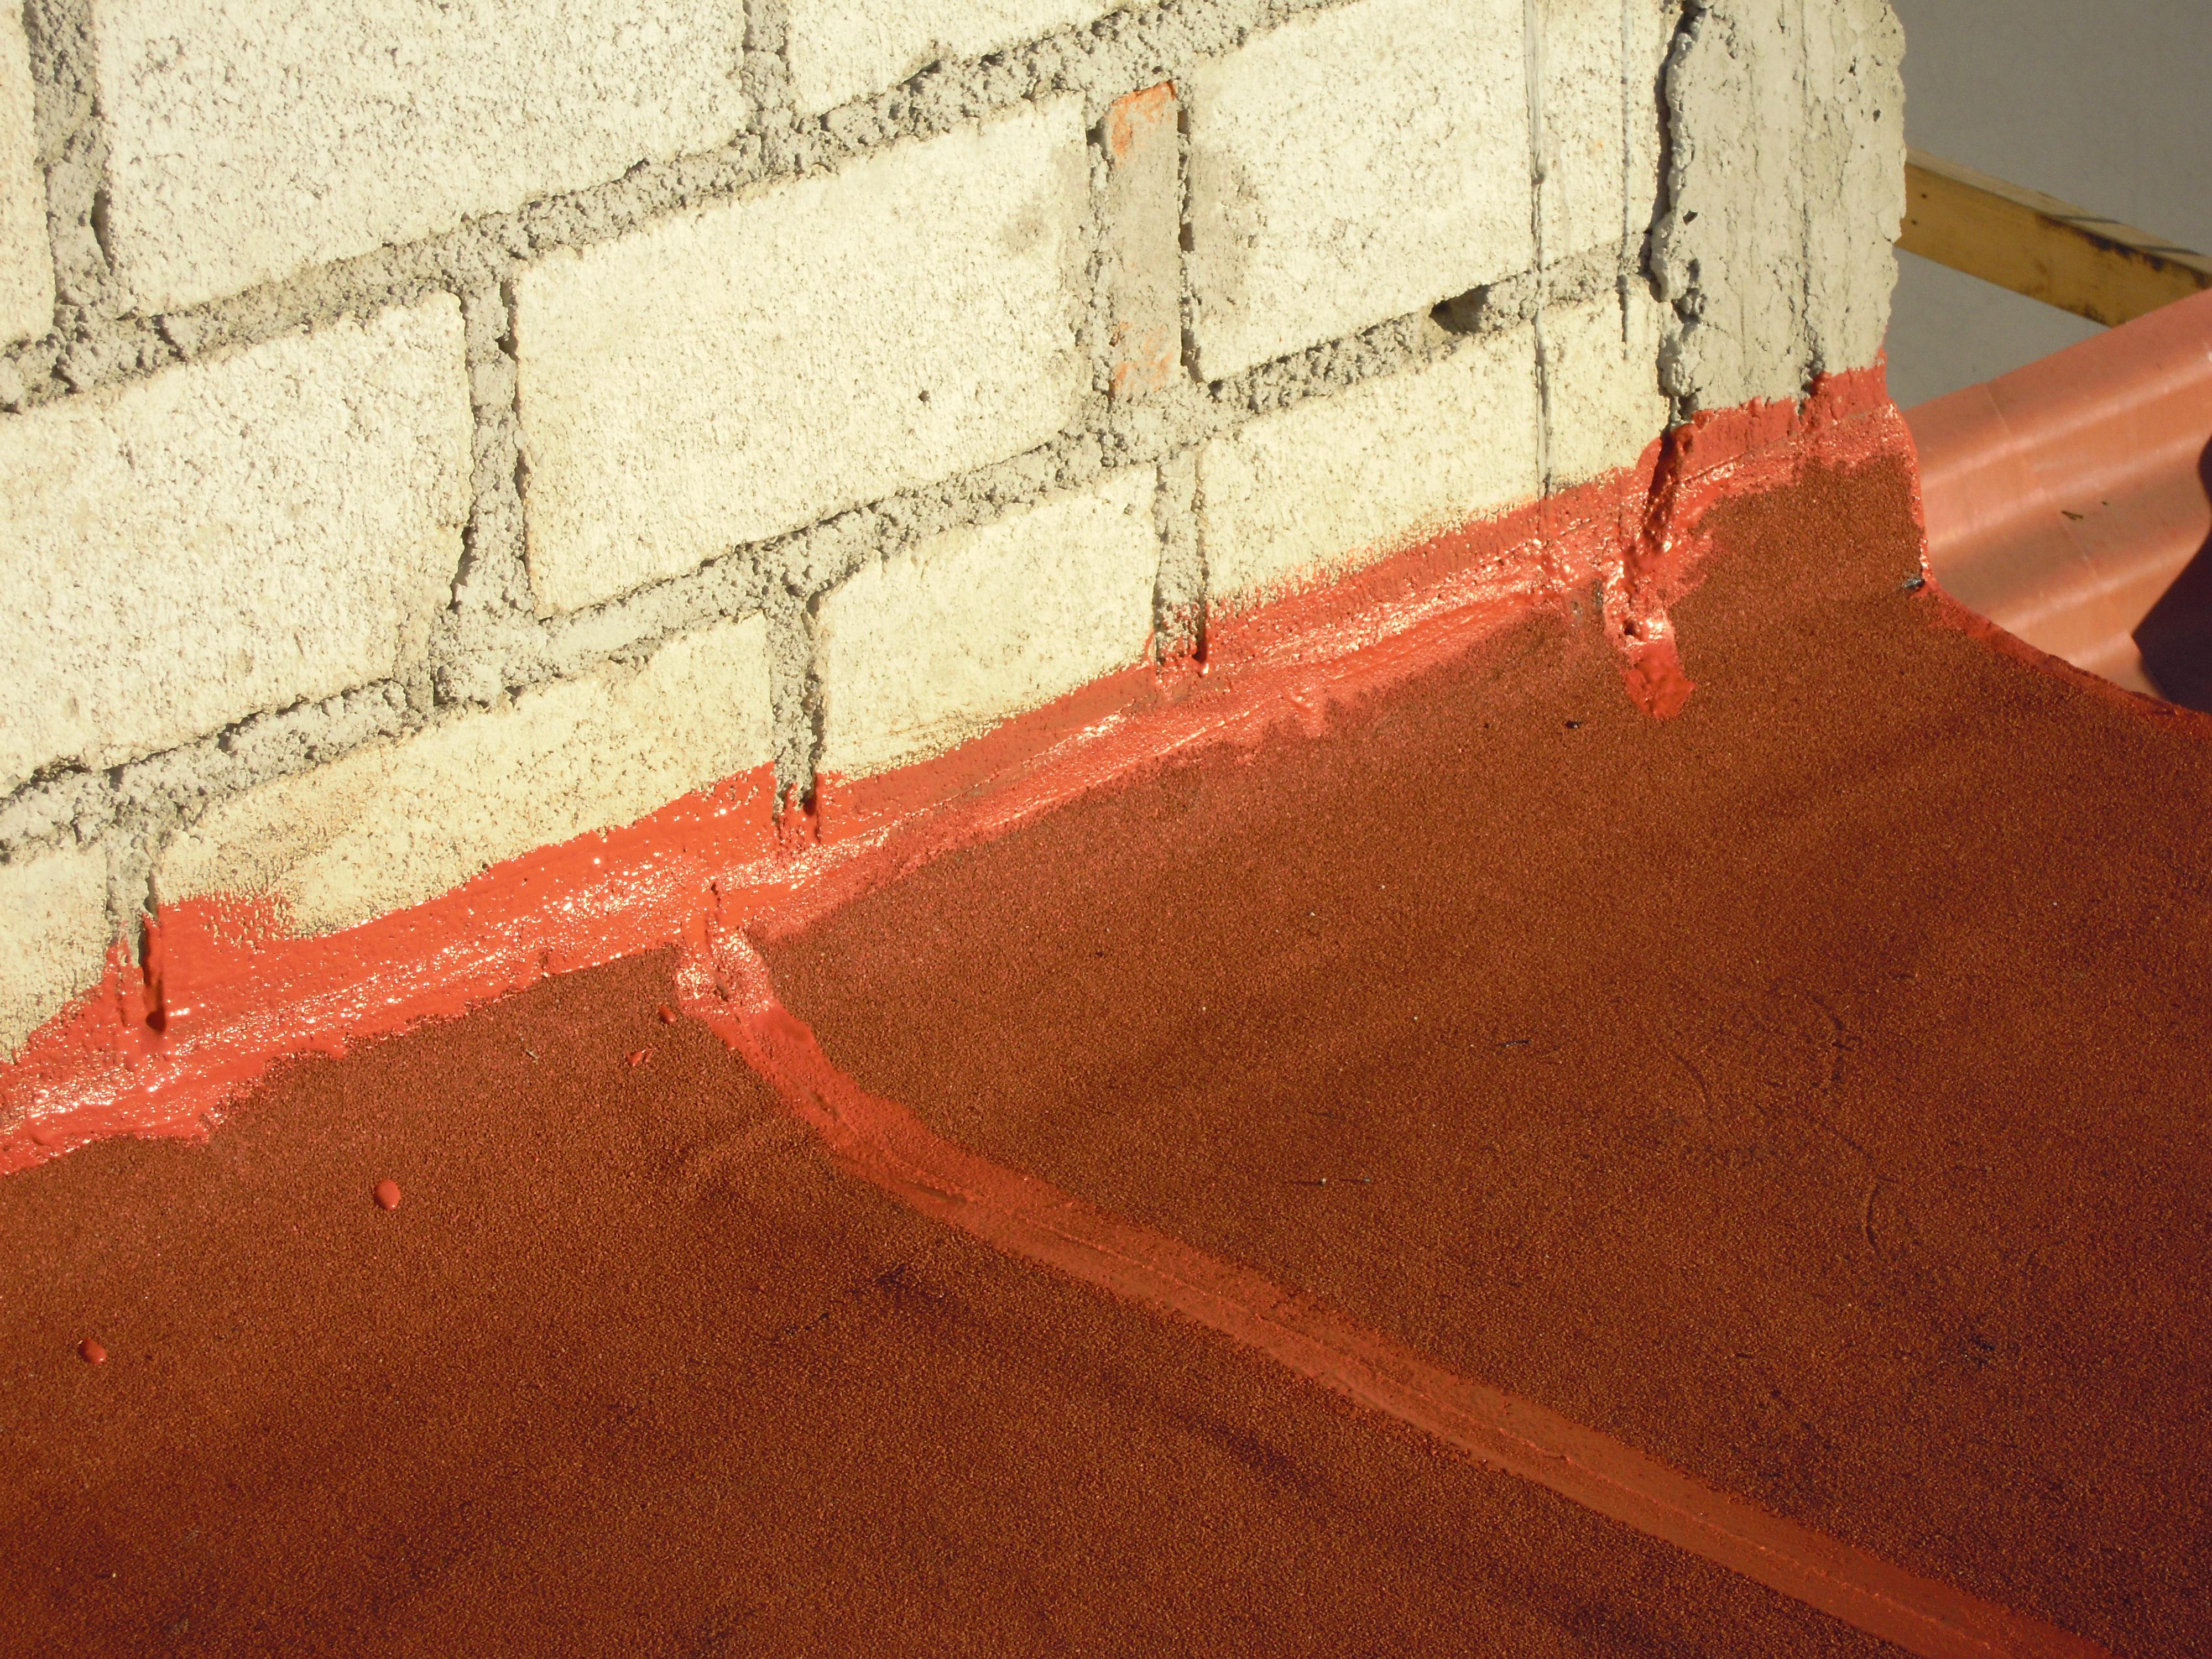 Impermeabilización casa con humedad 1 (5)